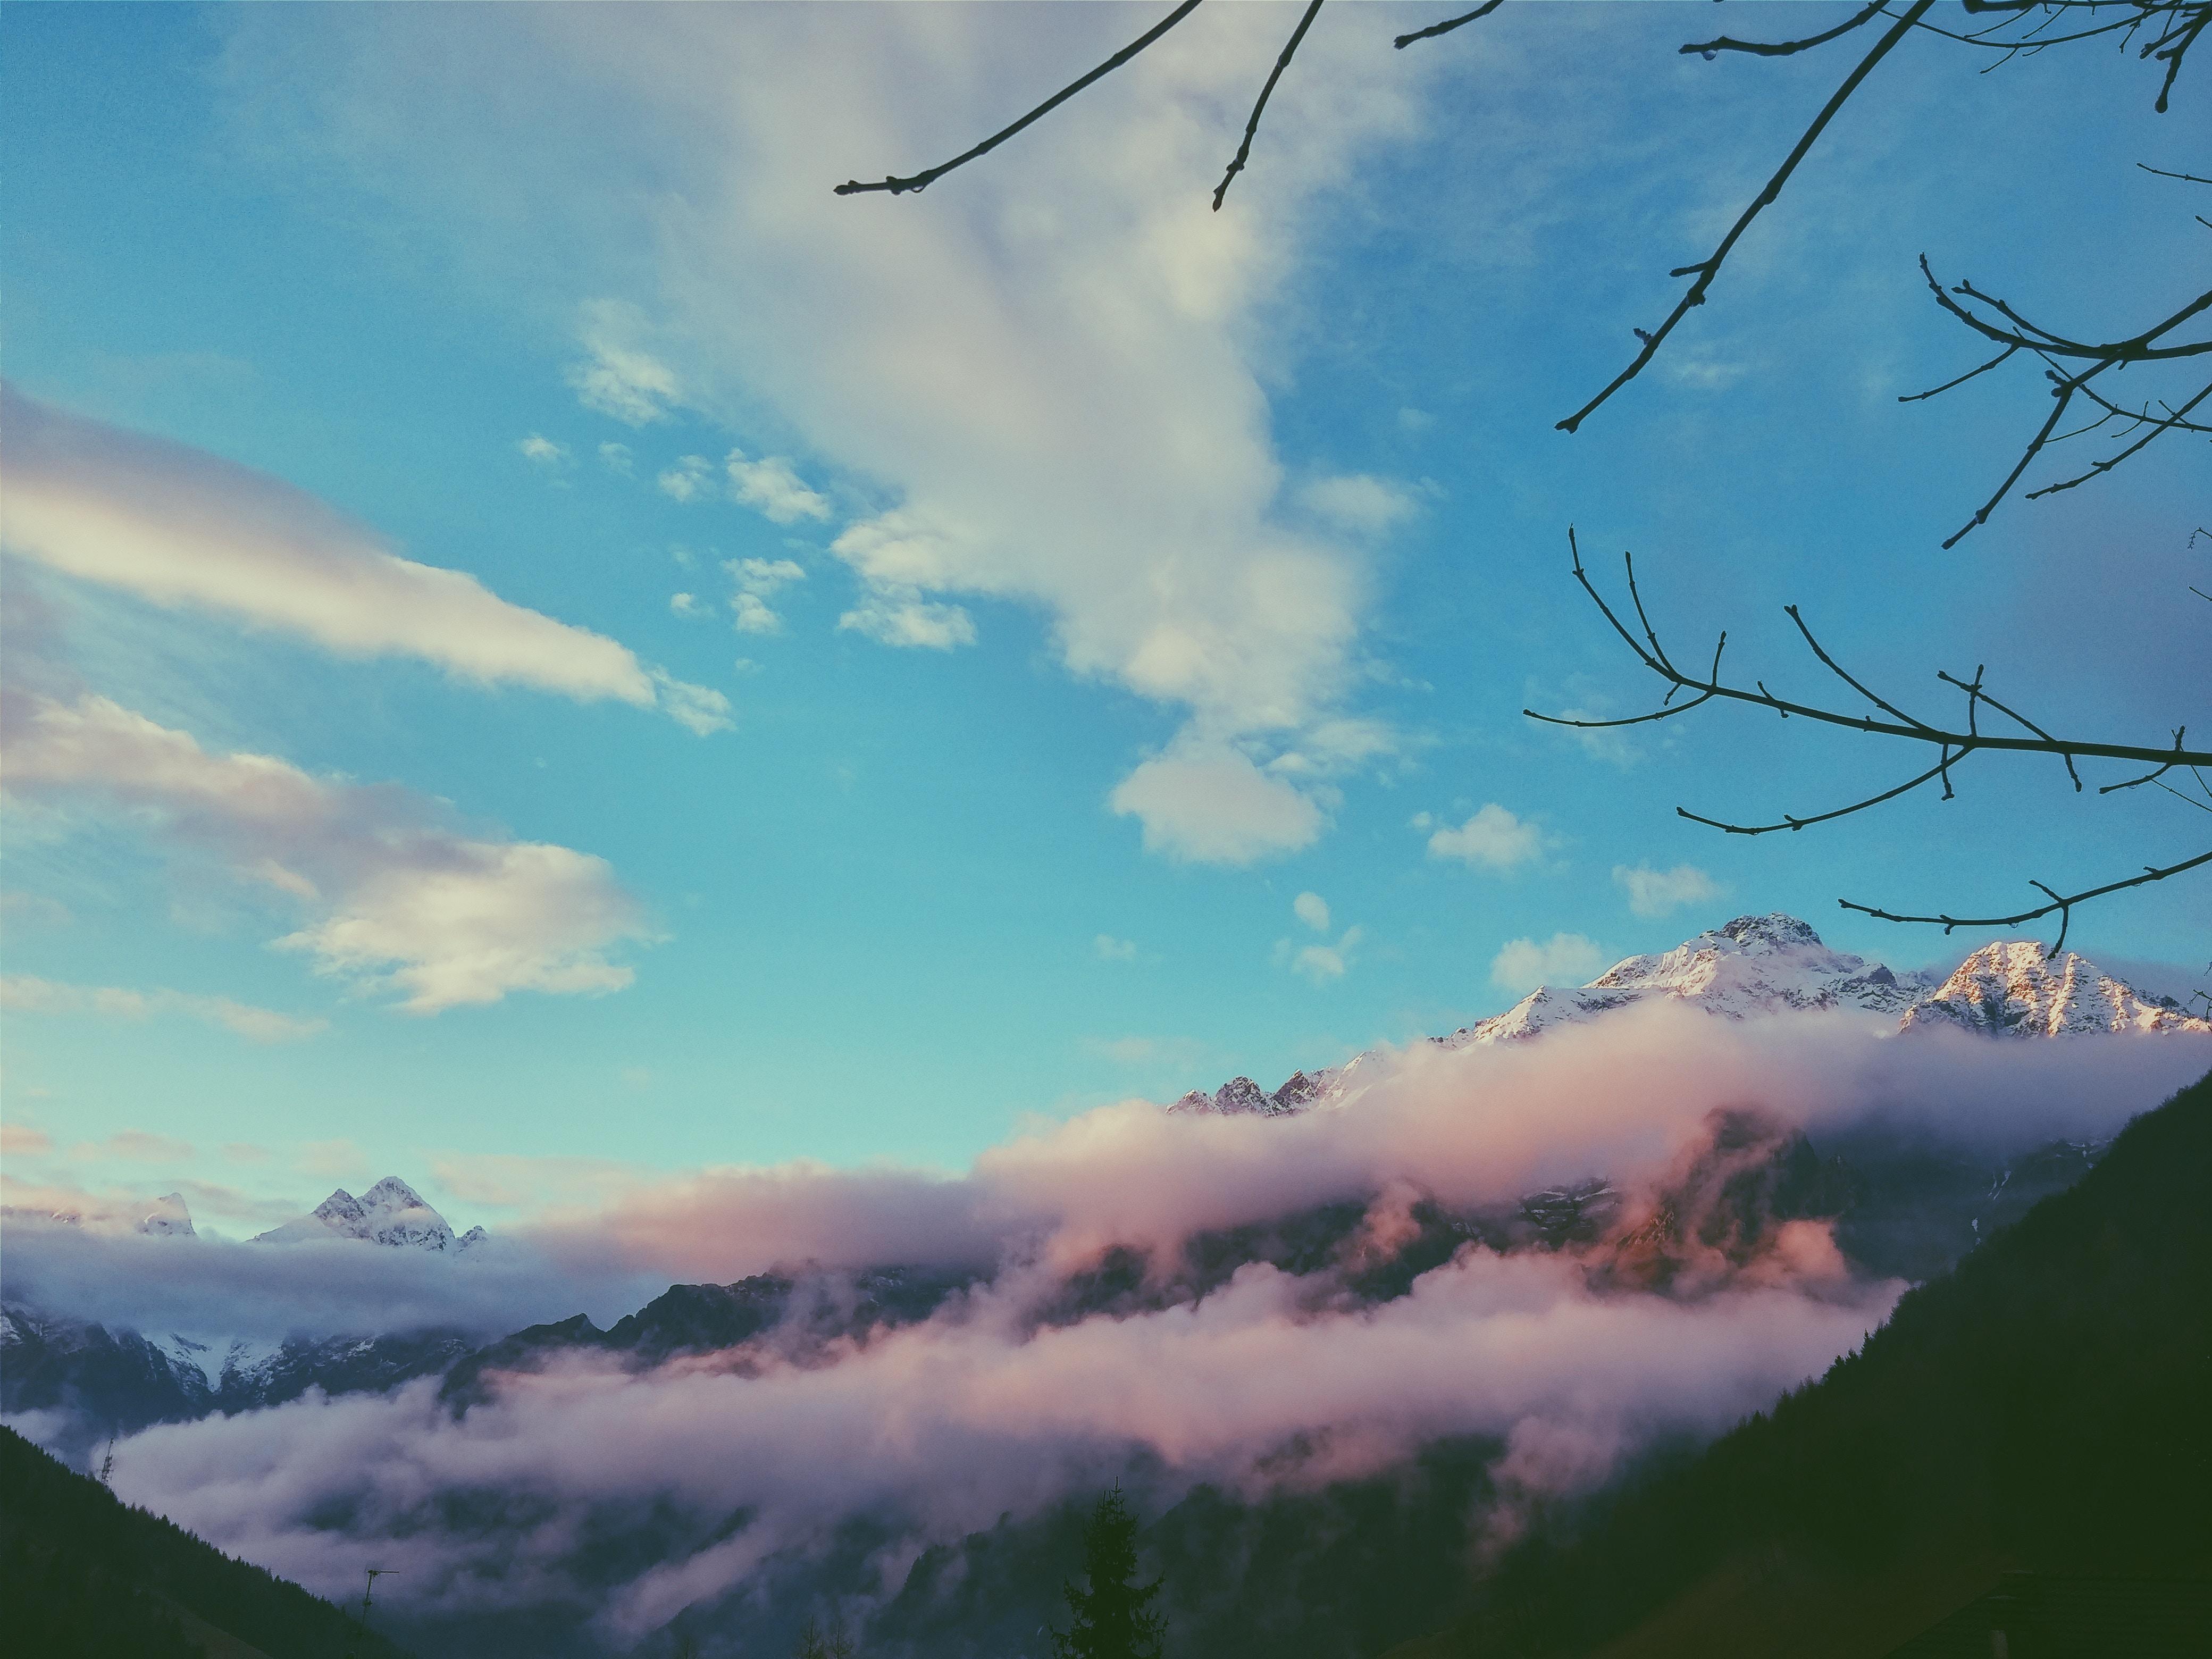 montaña paisaje